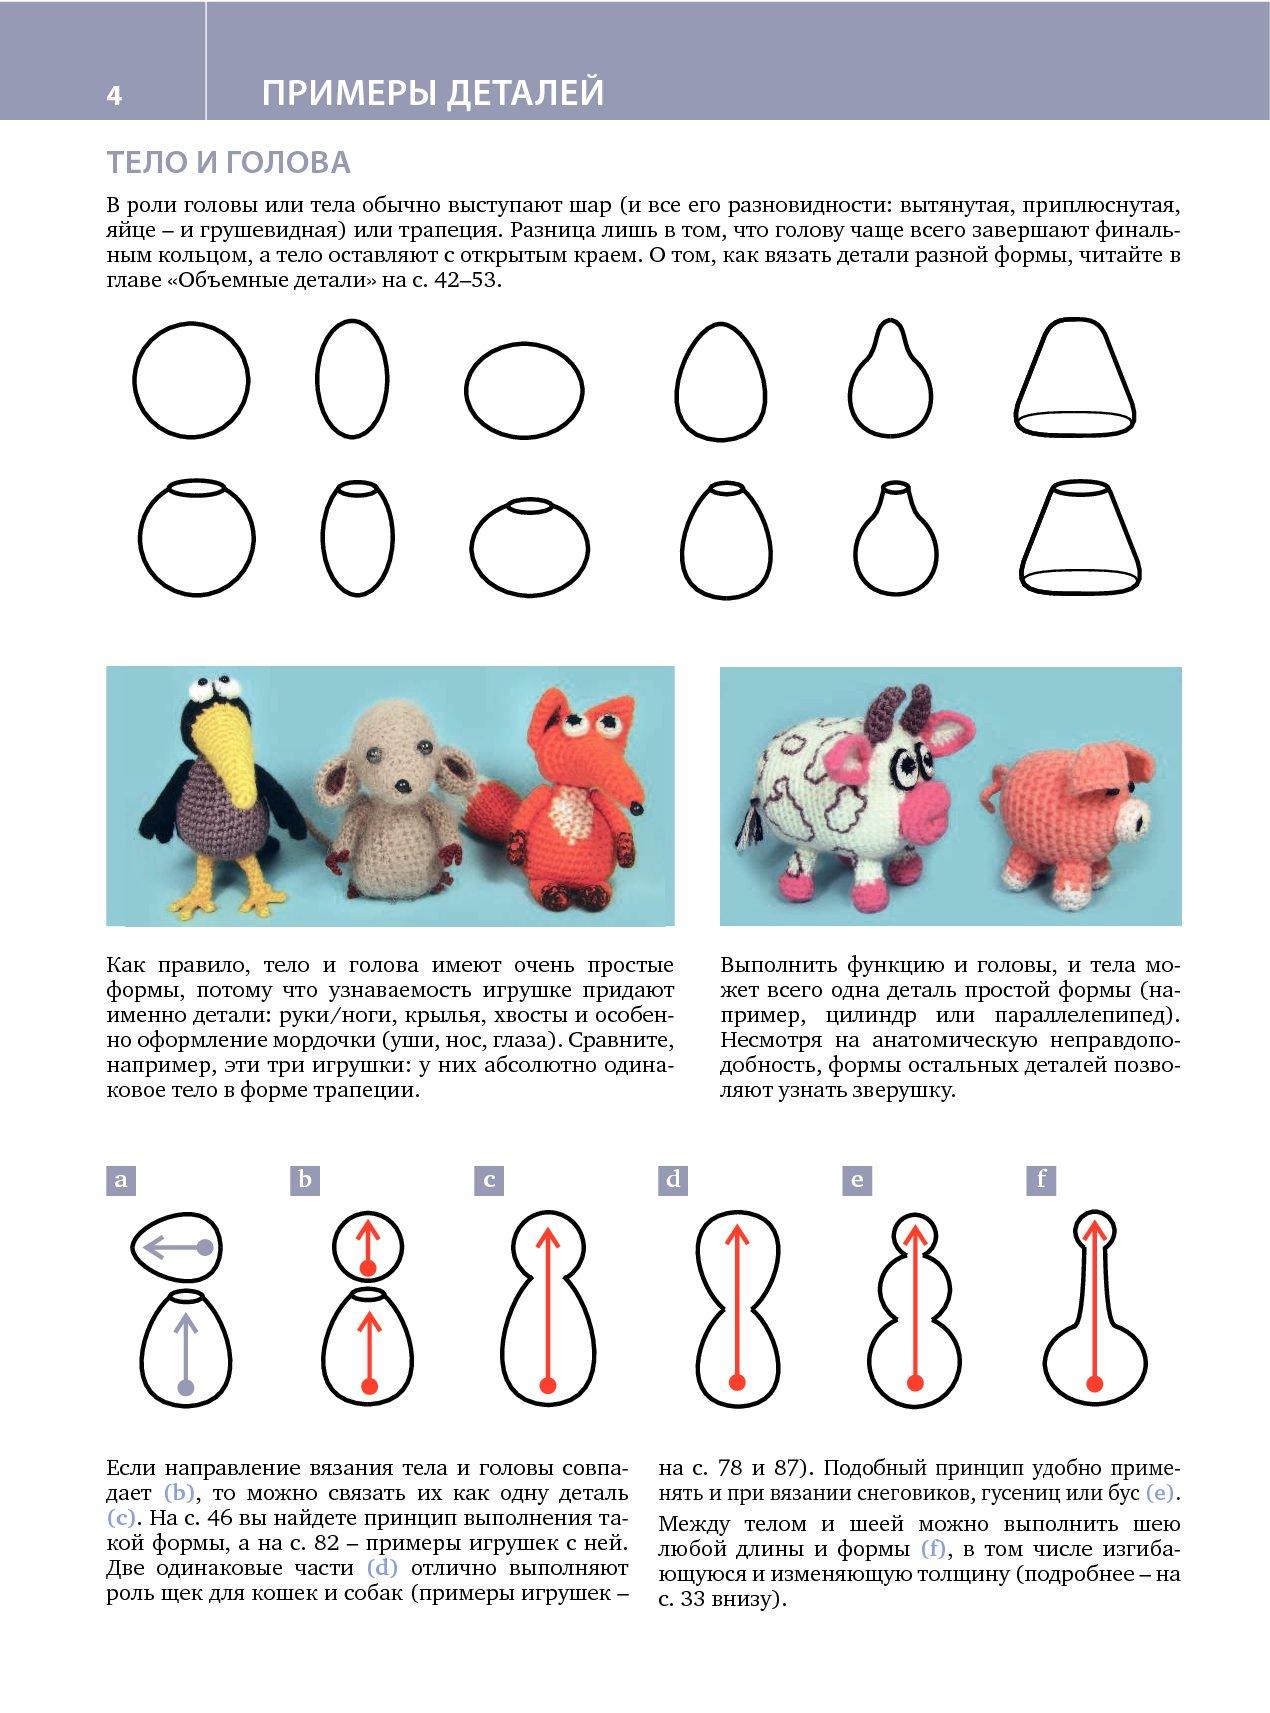 купить книгу конструктор вязаных игрушек универсальные схемы для